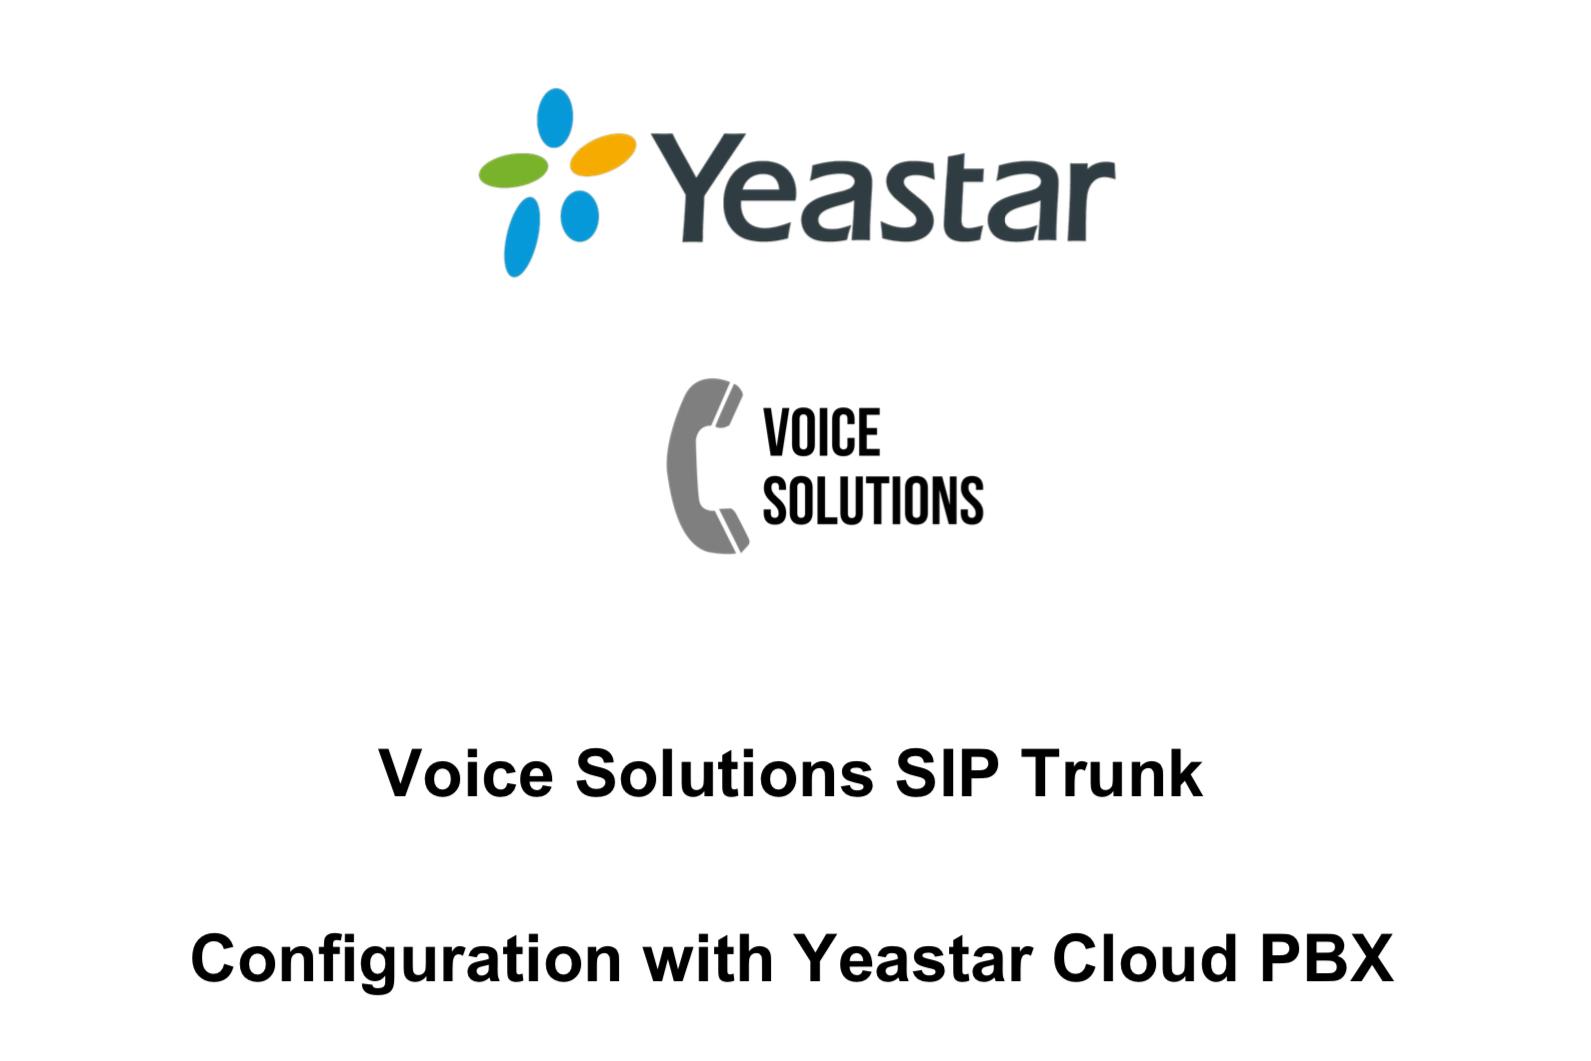 SIP trunk voor yeastar cloudPBX